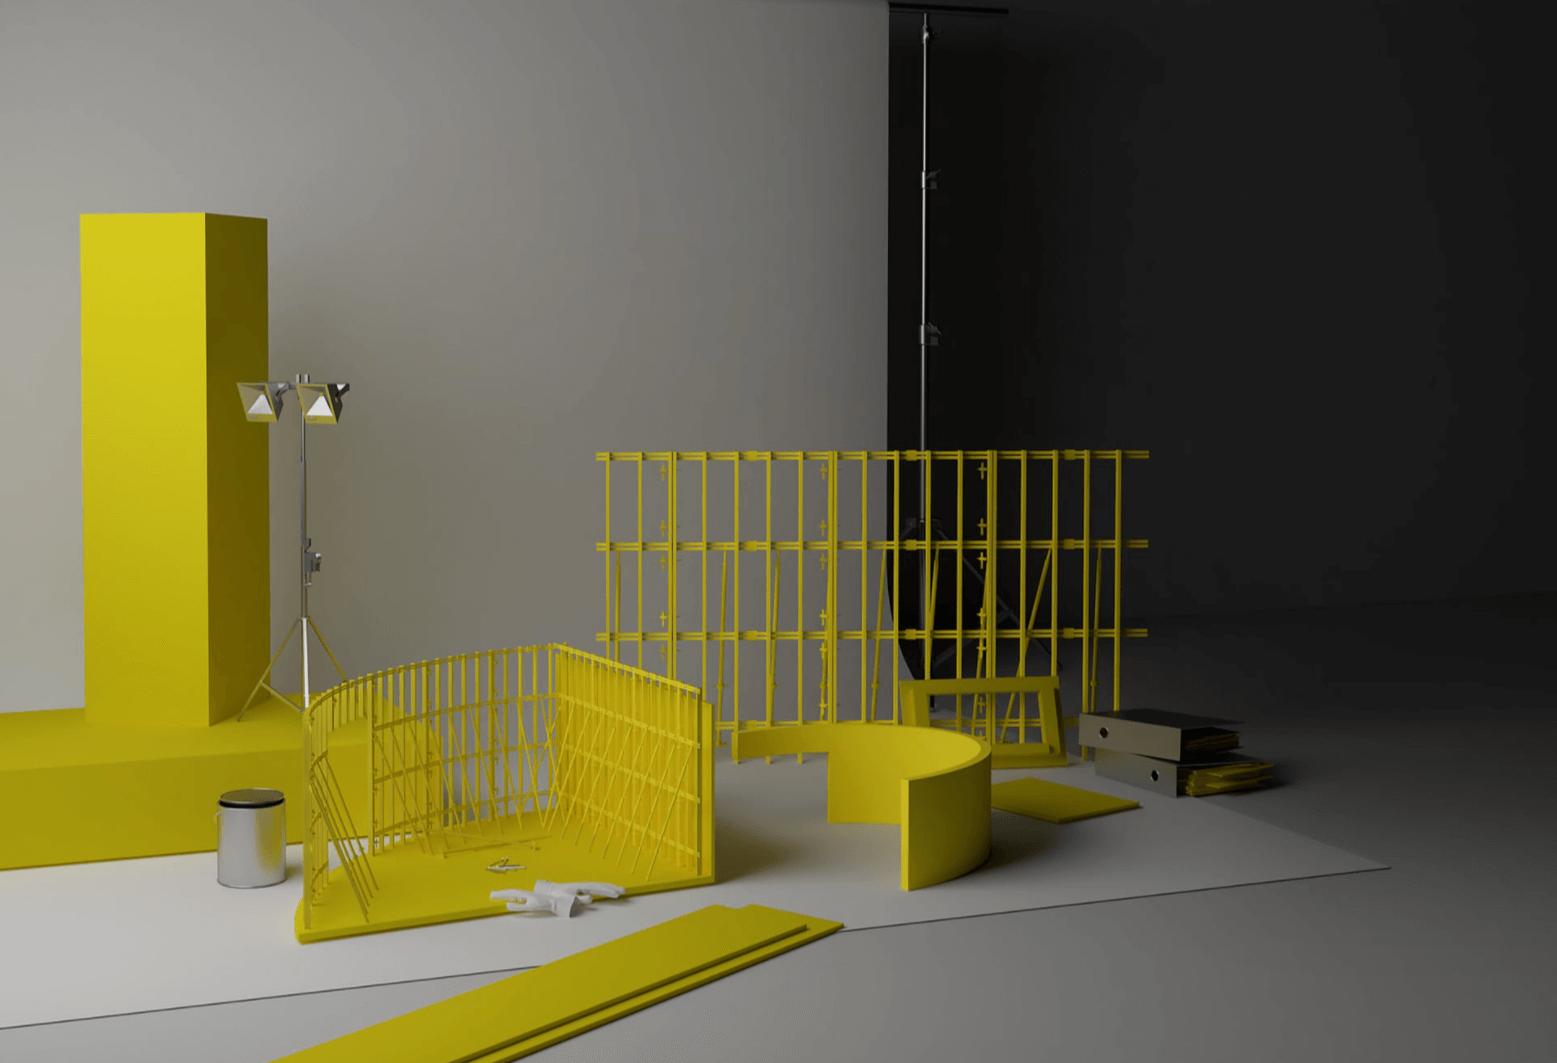 Screenshot di un ambiente digitale con cornici leggere, contenitori e sedute